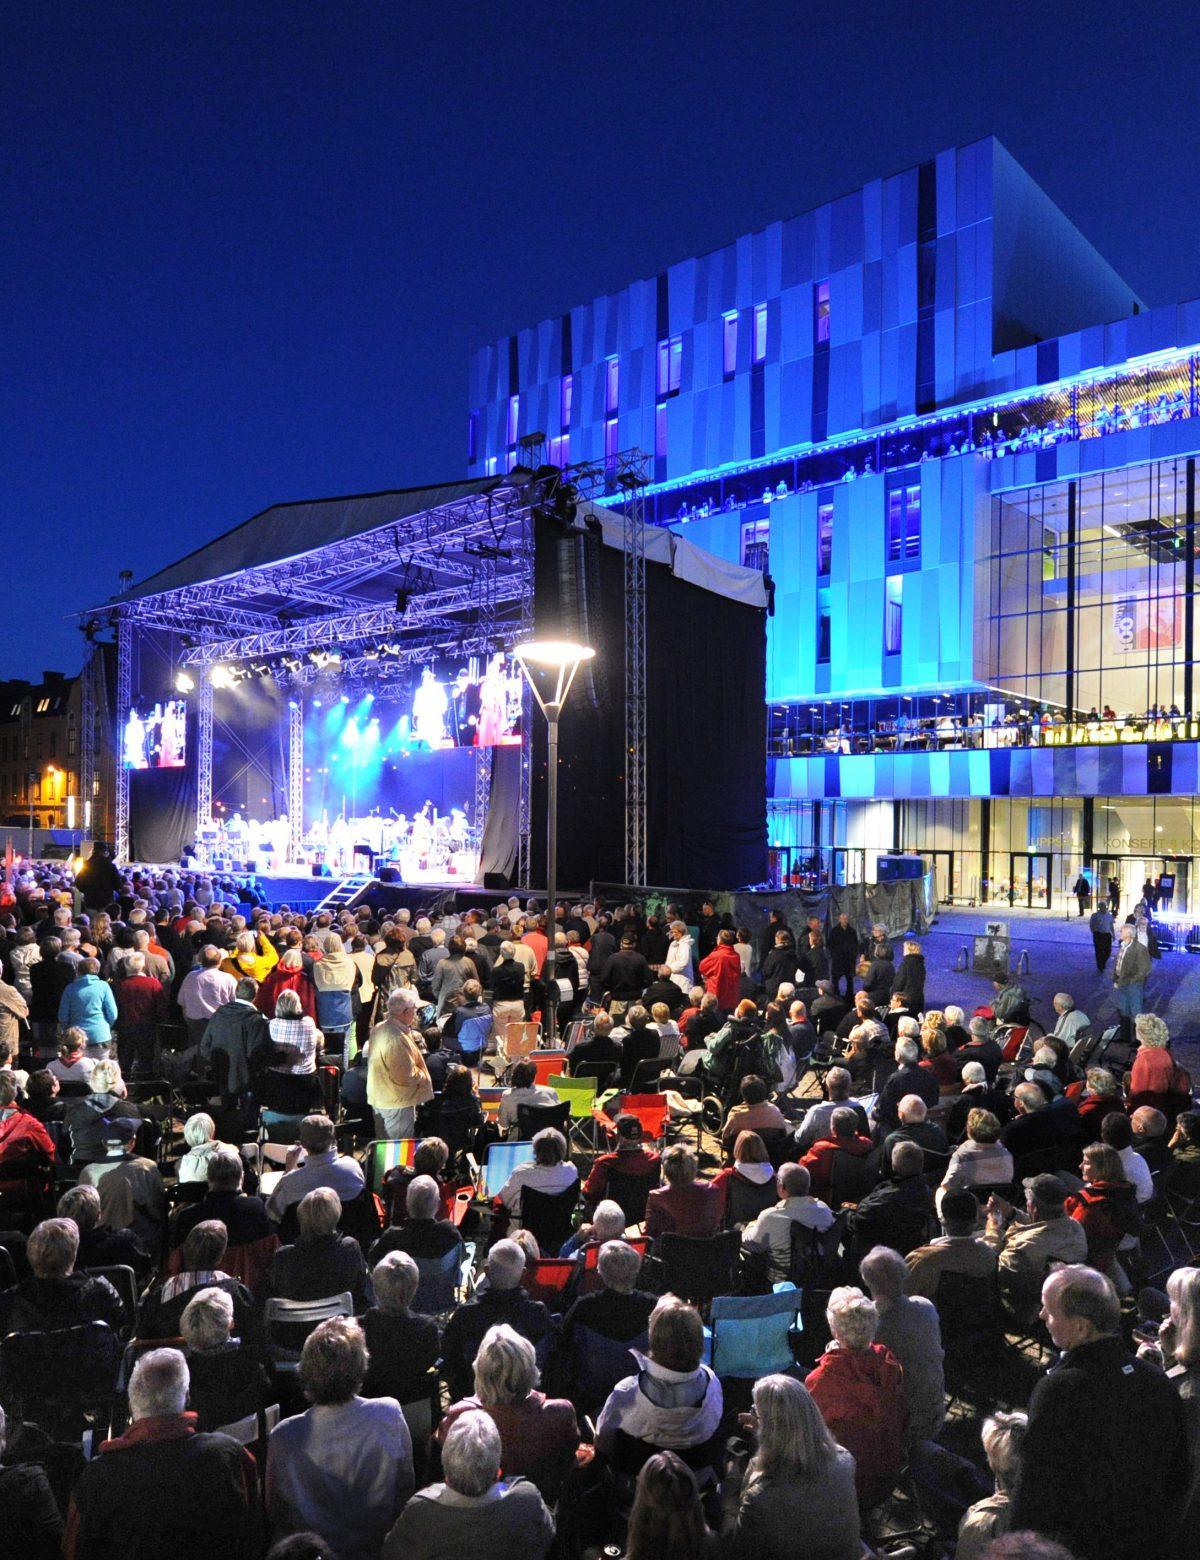 Utomhuskonsert på Vaksala torg framför UKK. Foto: Stewen Quigley.